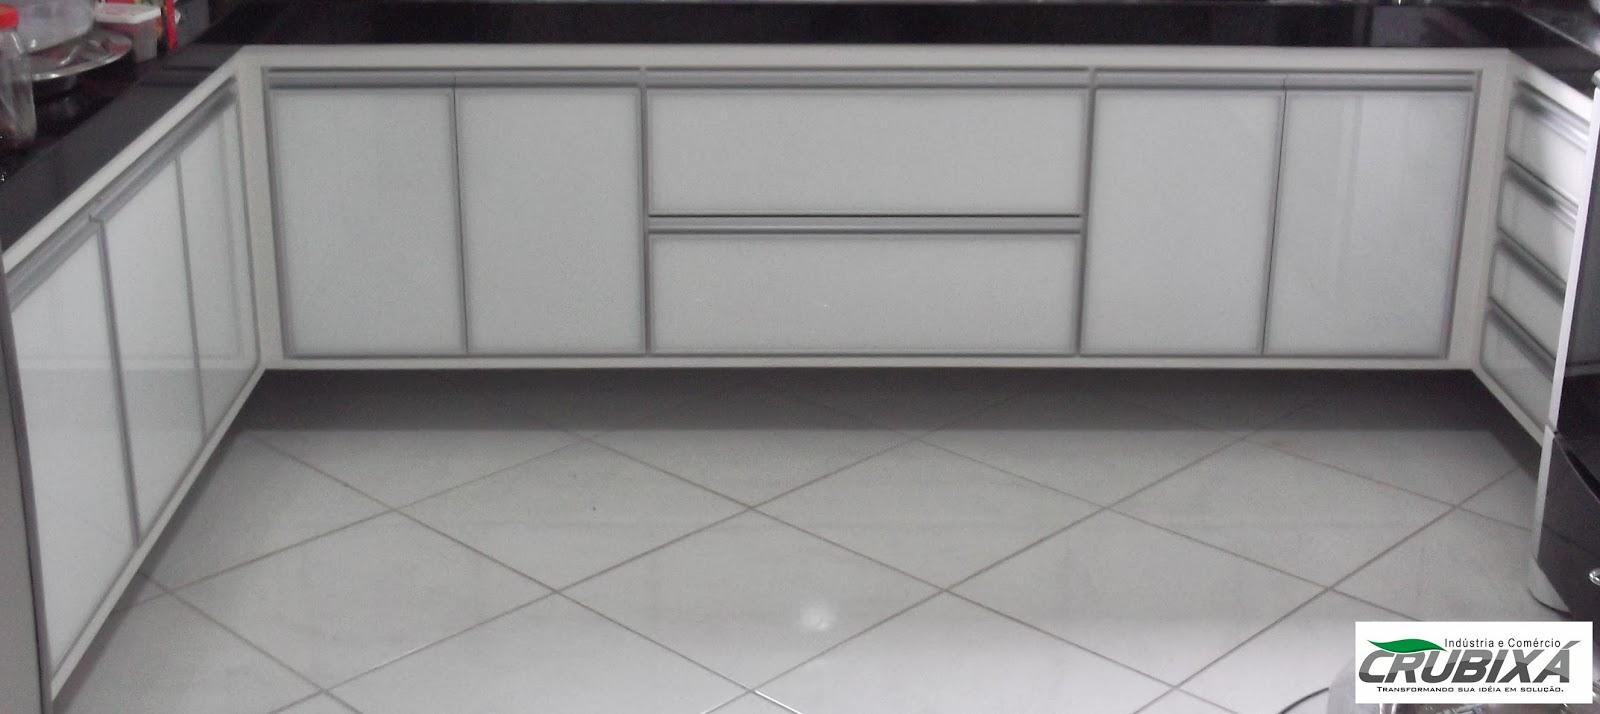 #474211 Crubixá Marcenaria Esquadria e Metalurgica 1600x714 px Armario De Cozinha Em Aluminio #2973 imagens